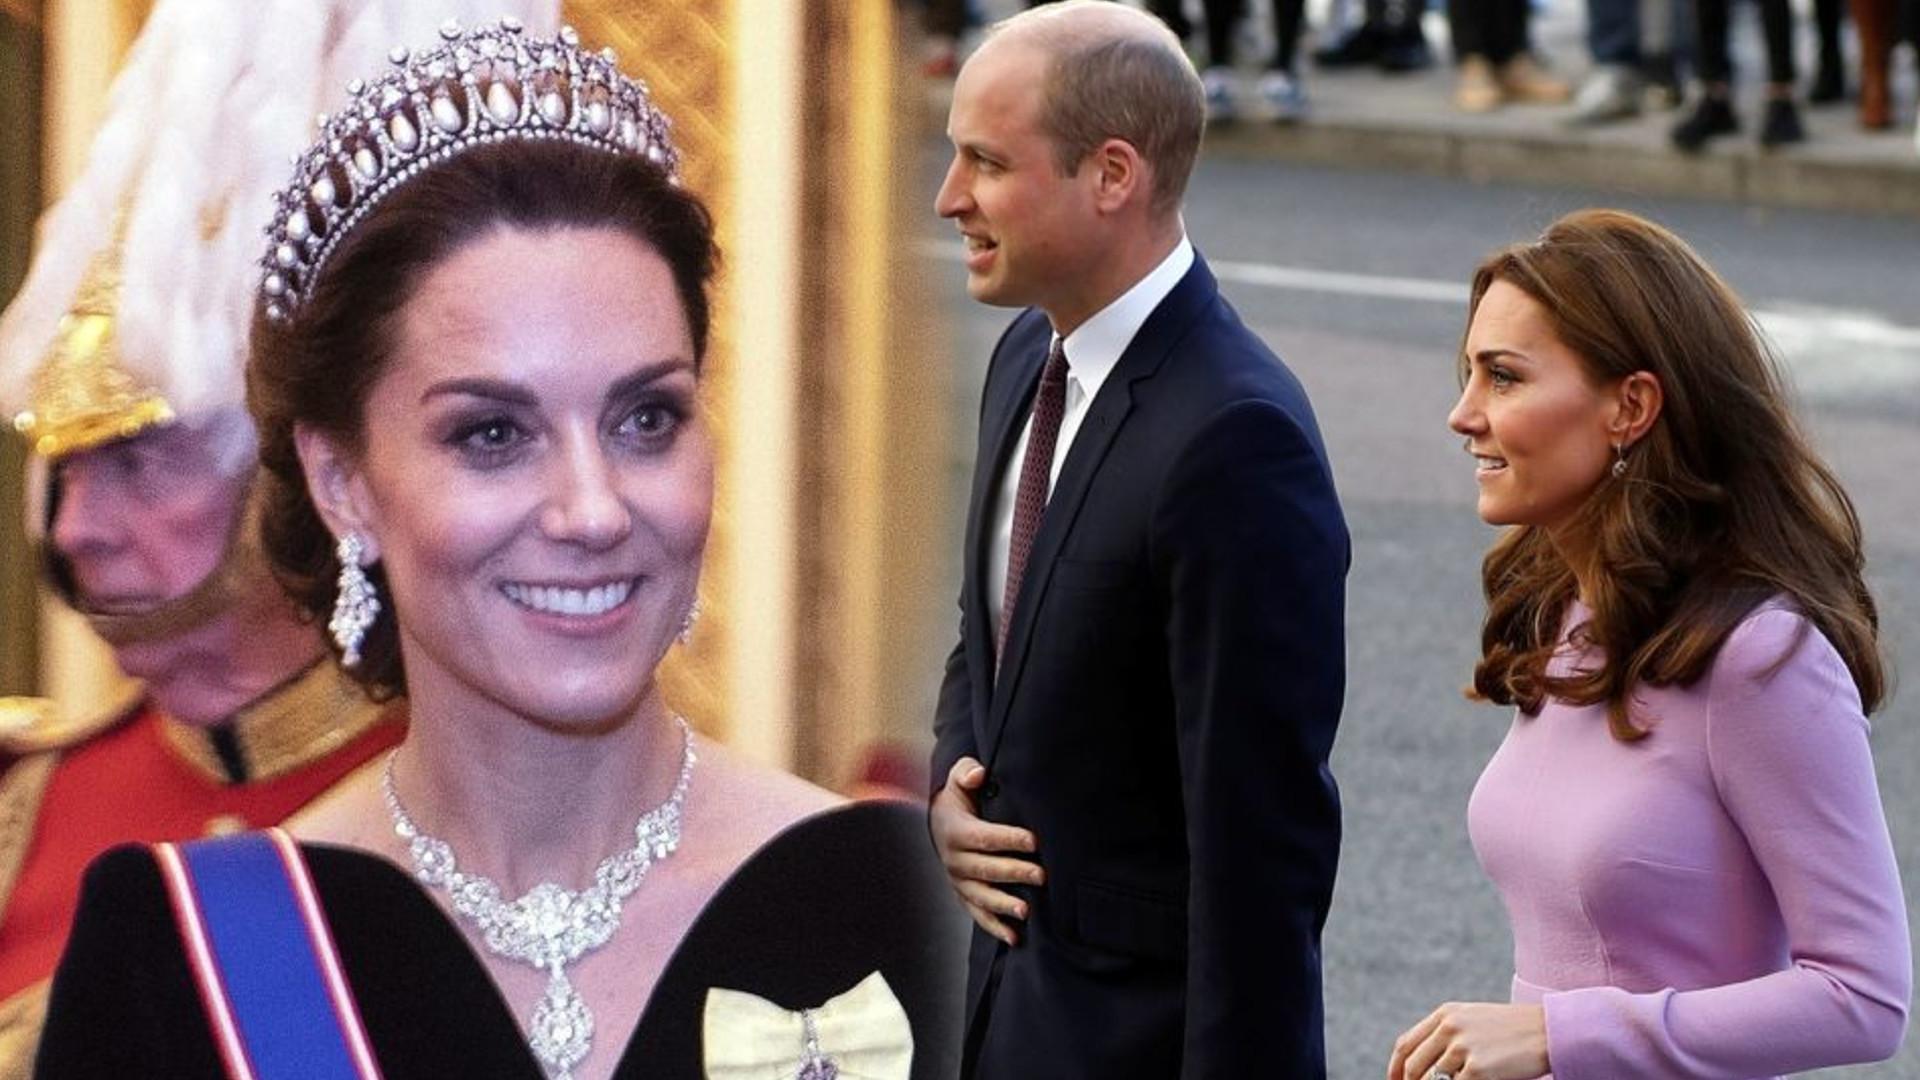 Nie uwierzysz czym zajmowała się księżna Kate zanim wżeniła się w rodzinę królewską!